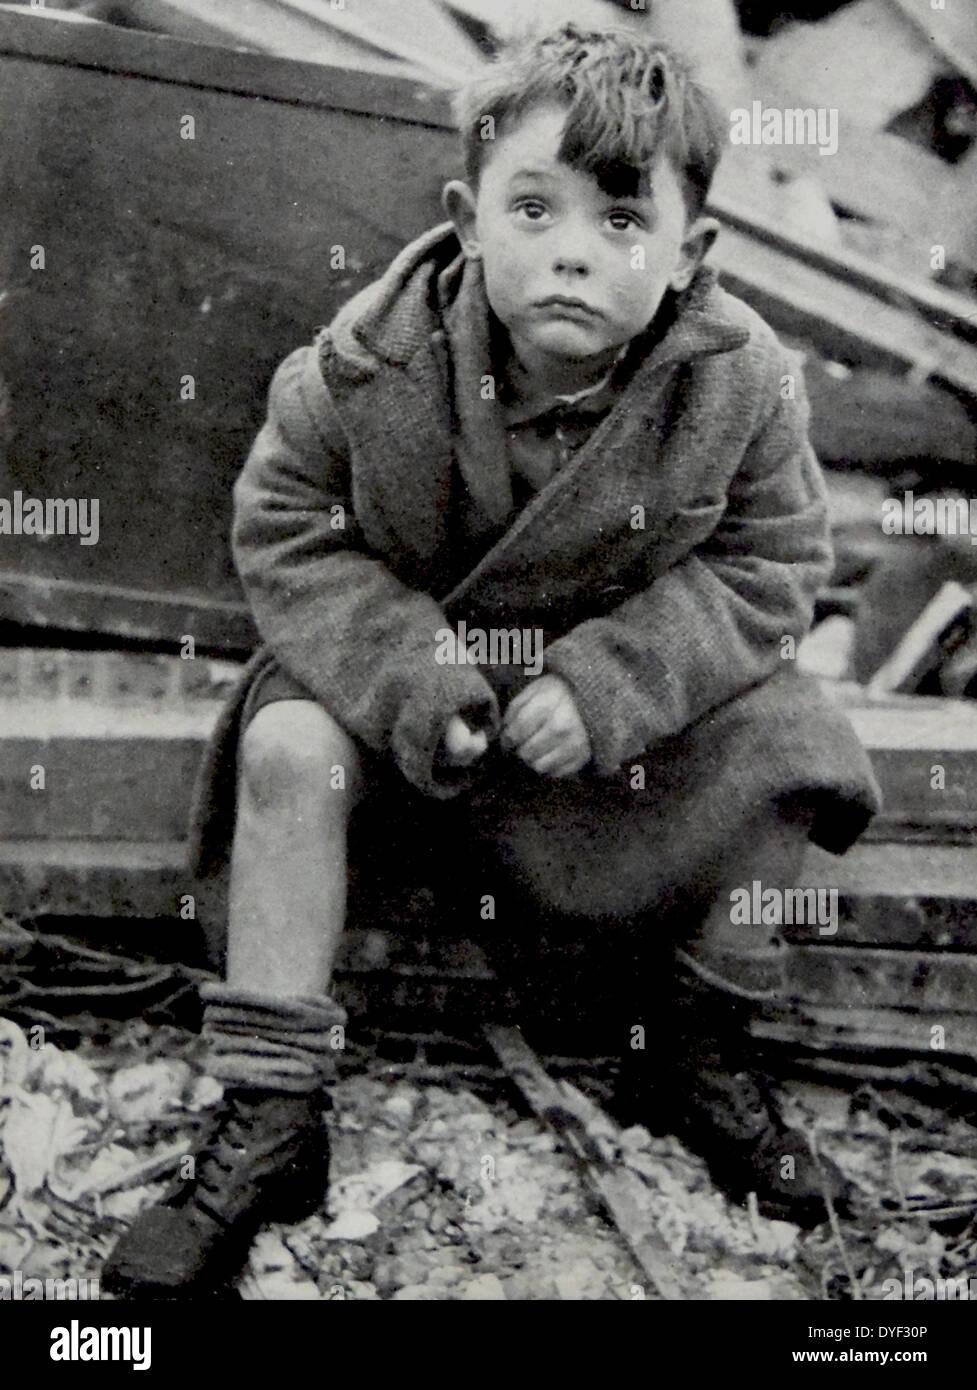 Un enfant orphelin après avoir survécu au blitz sur Londres. Photo Stock